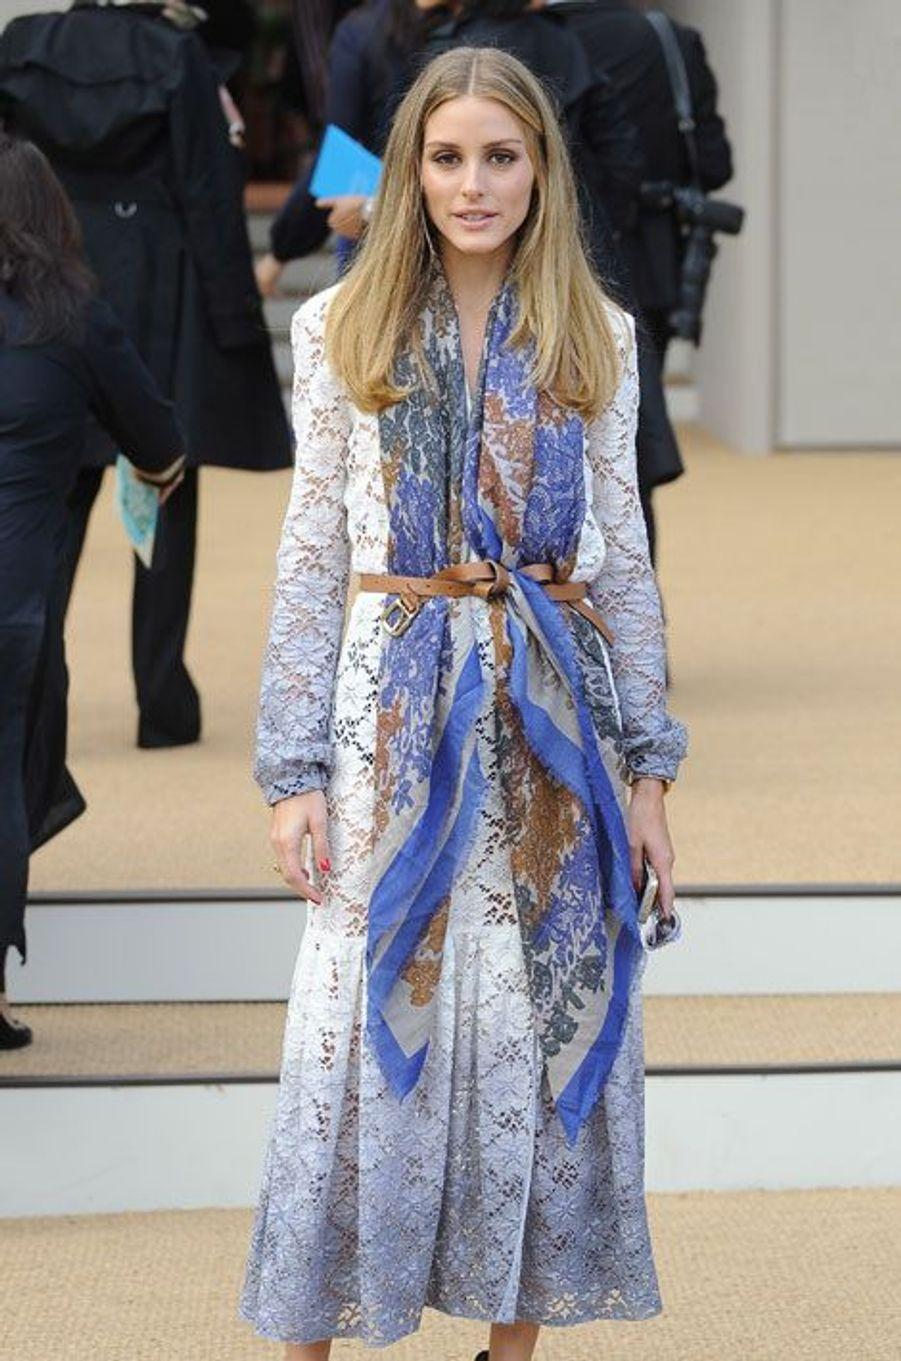 La styliste Olivia Palermo assiste au défilé printemps-été 2015 Burberry Prorsum dans une tenue de la griffe, lors de la Gashion Week de Londres...